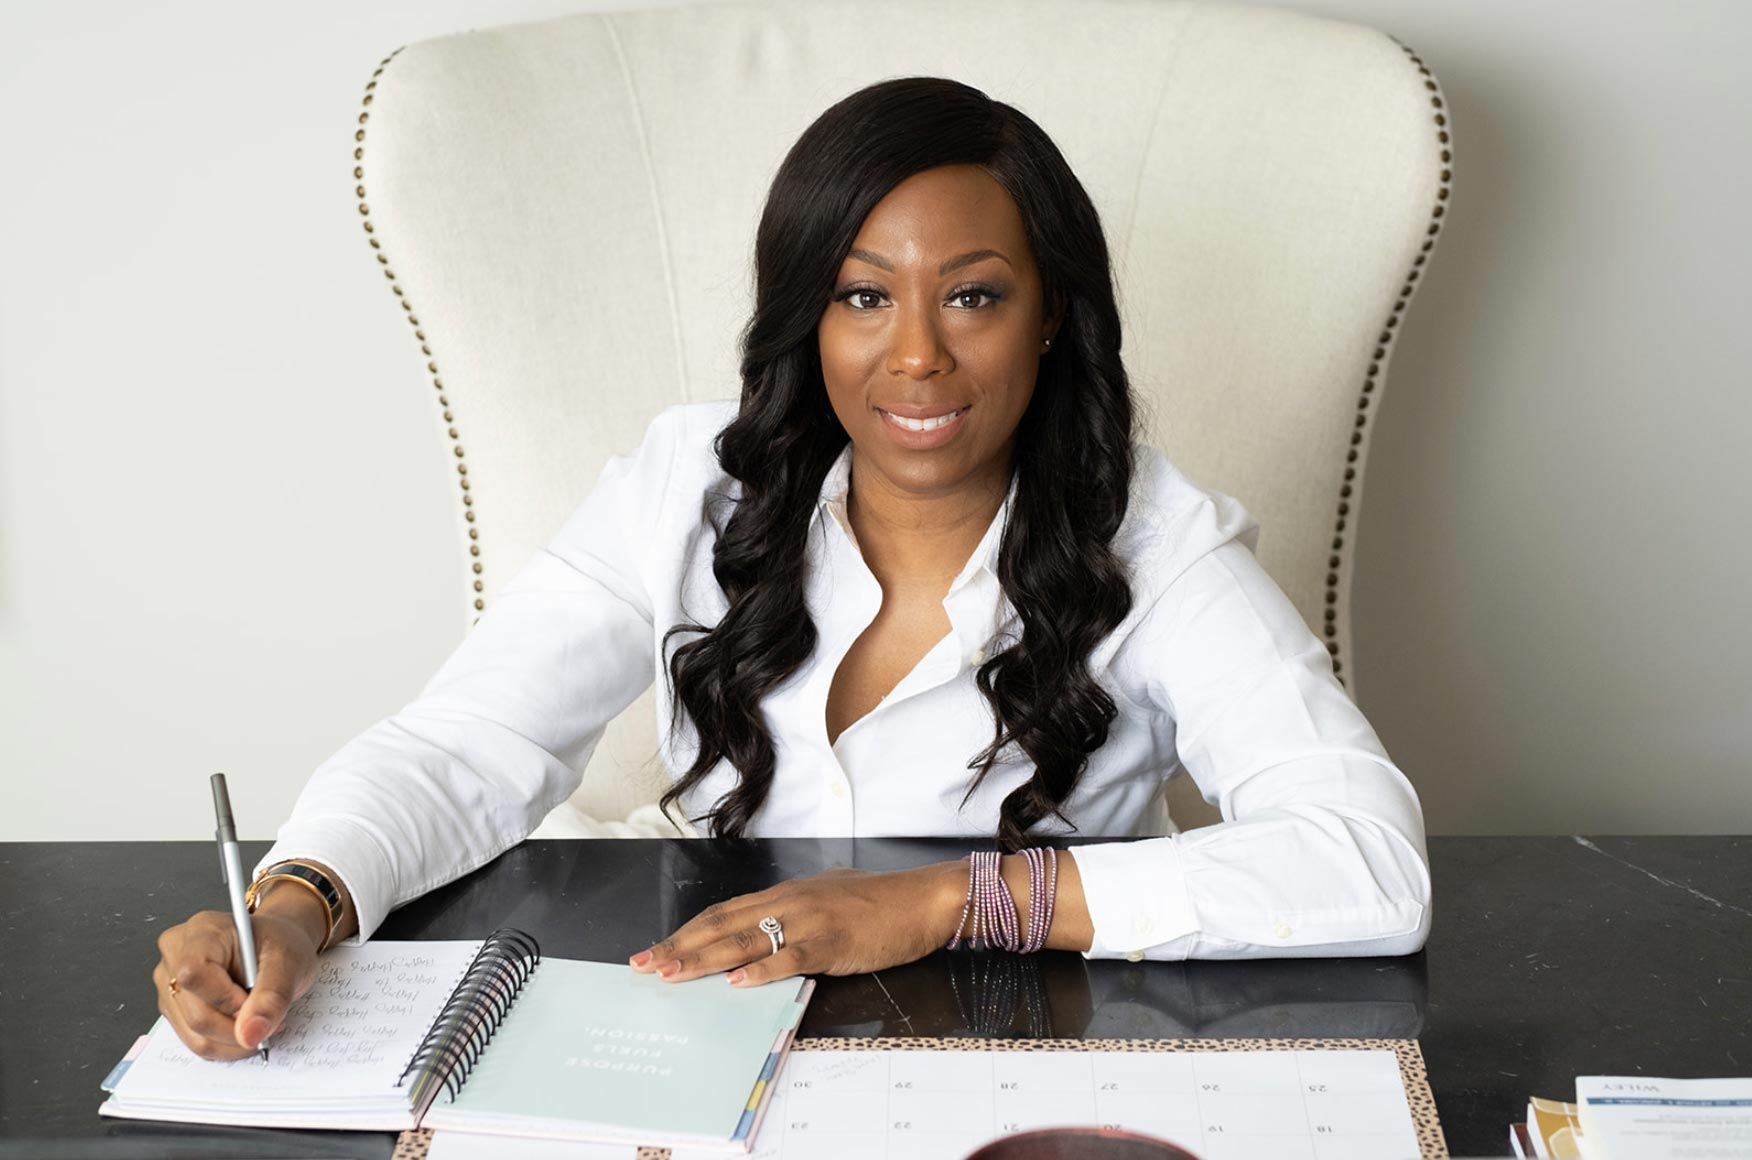 Marissa Nelson at her desk